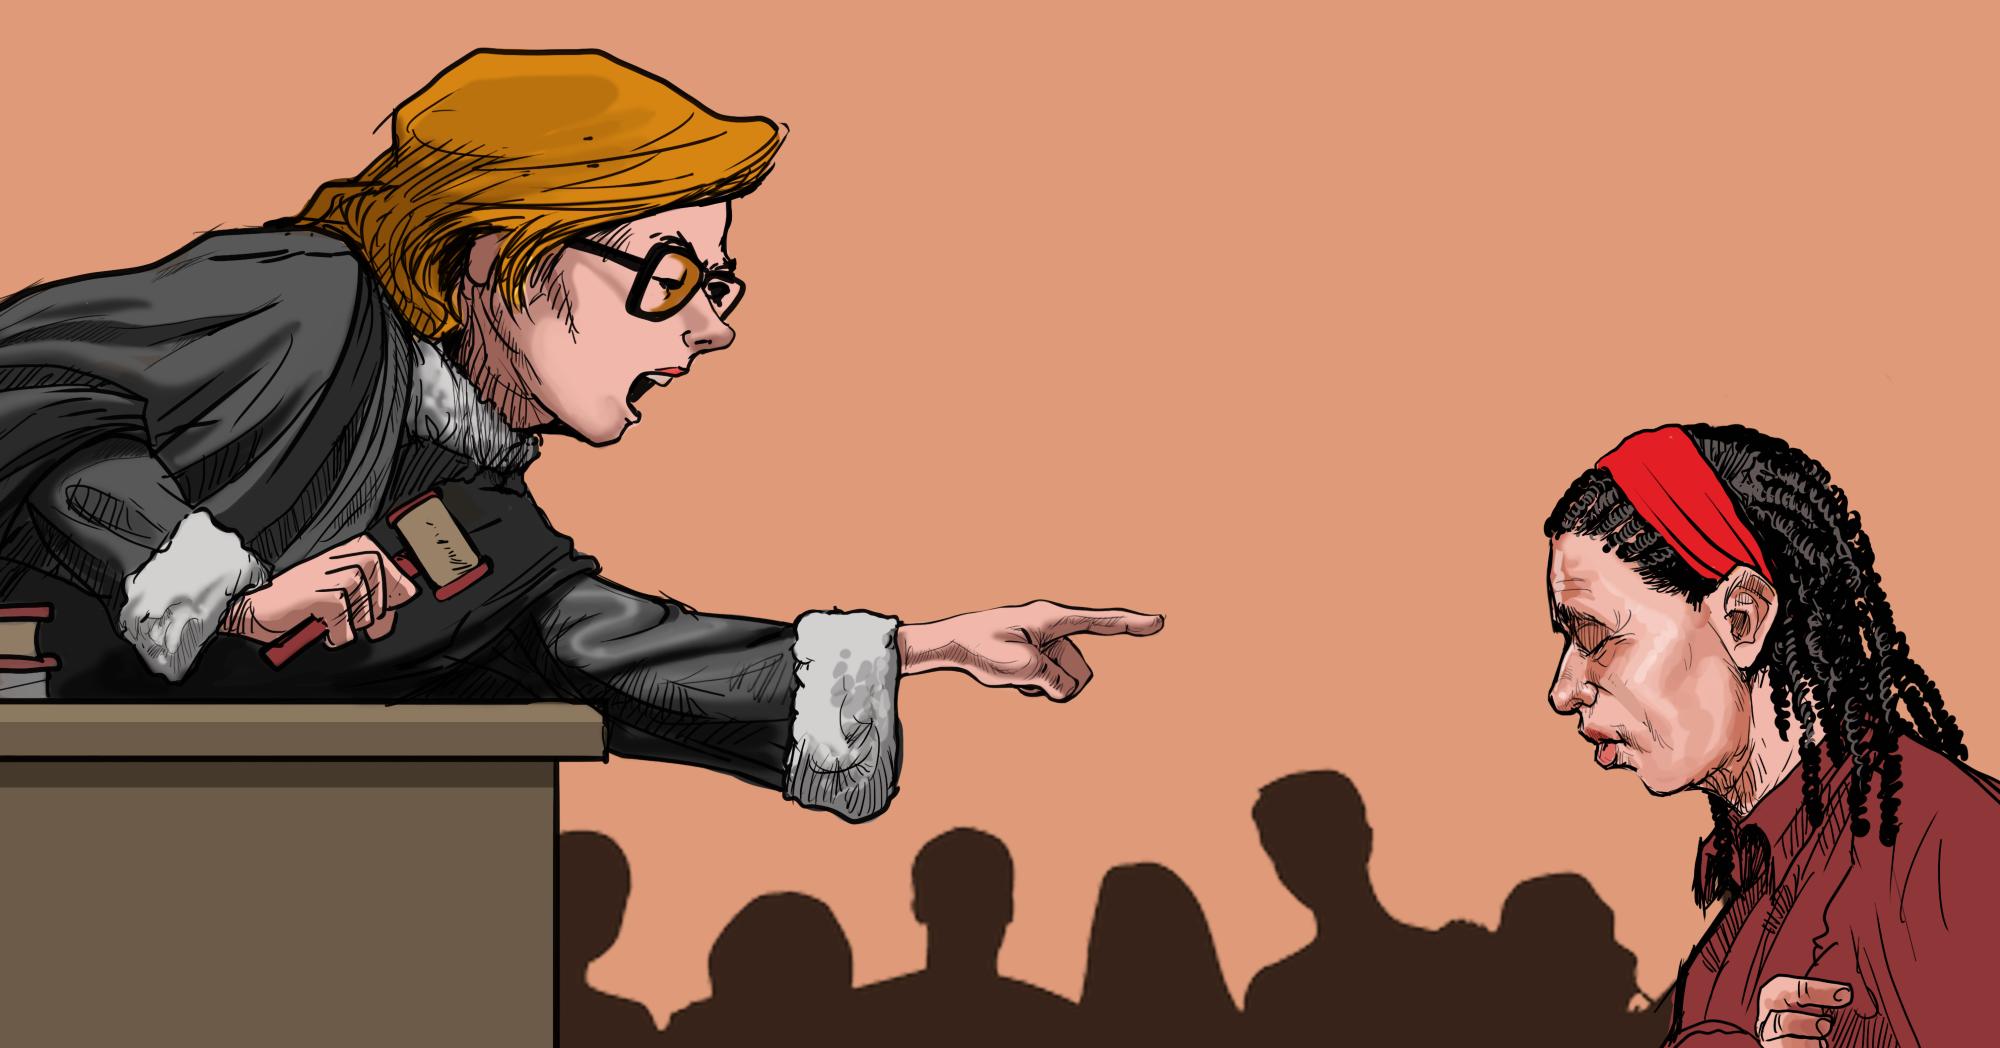 Pesquisa mostrou a falta de empatia por parte das magistradas nos julgamentos: elas são ainda mais opressoras com mulheres e mães do que juízes homens (Ilustração: Claudio Duarte)